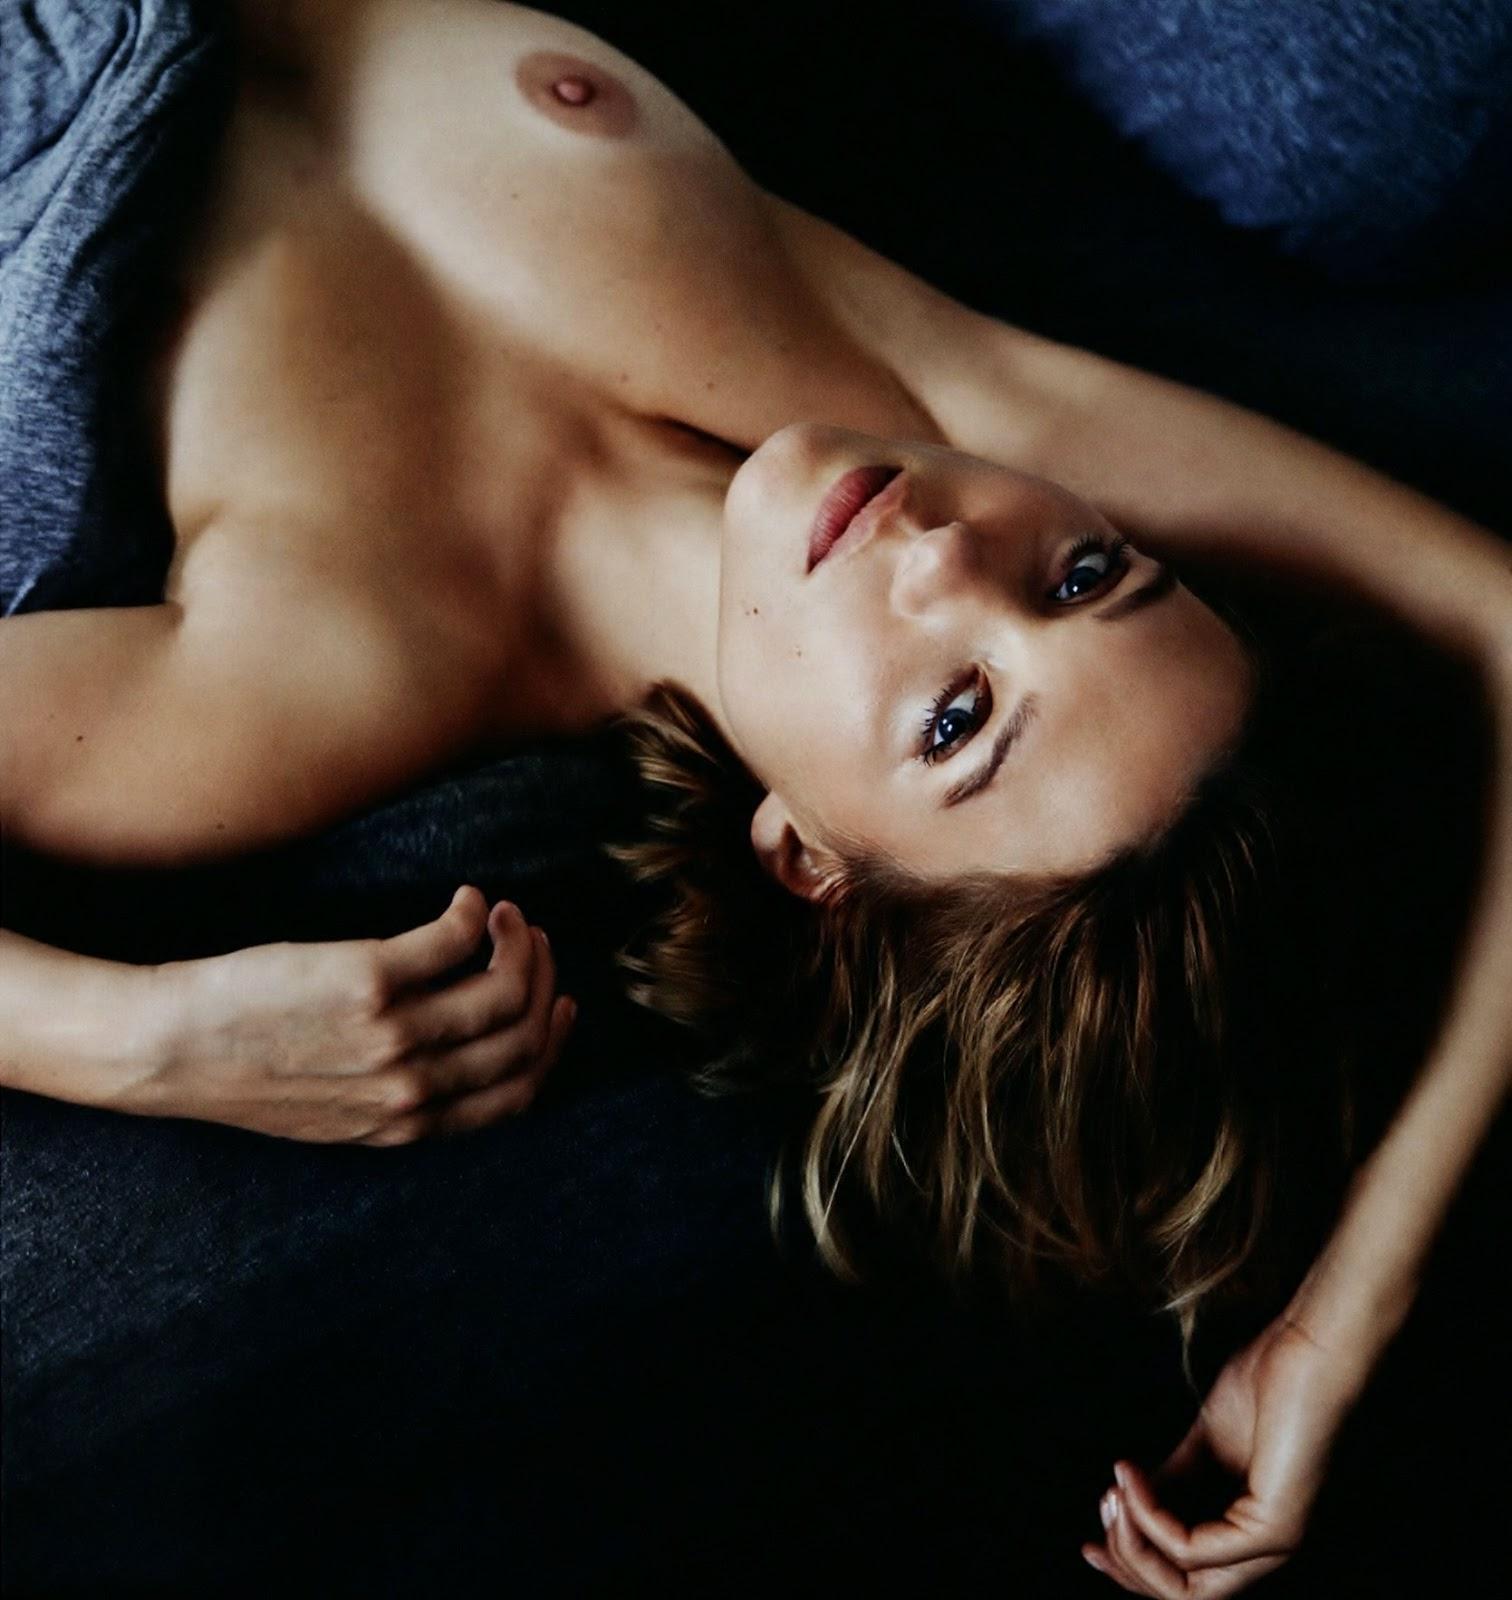 Anais Fabre Nue rimbaud: léa seydoux / mon corps